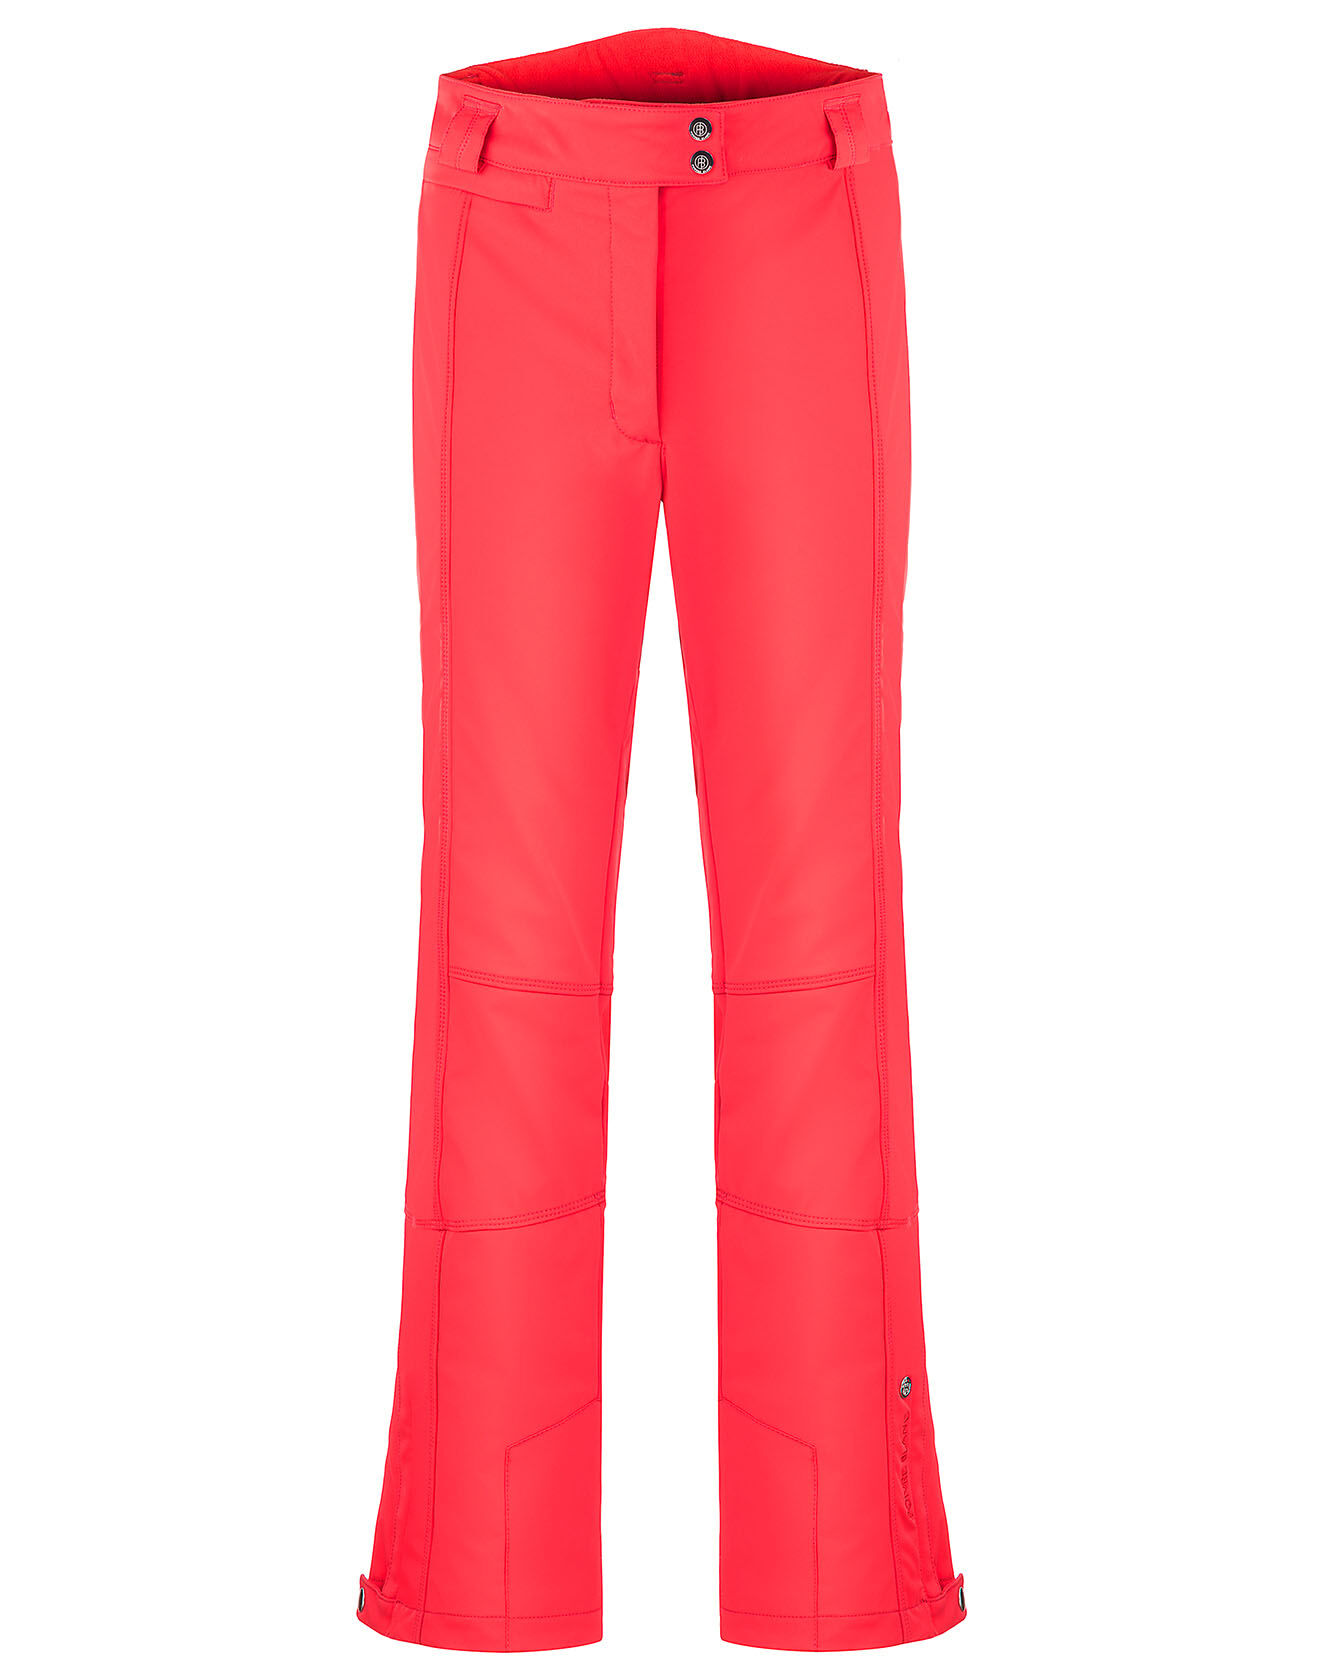 Pantalon de ski Bi-stretch rouge